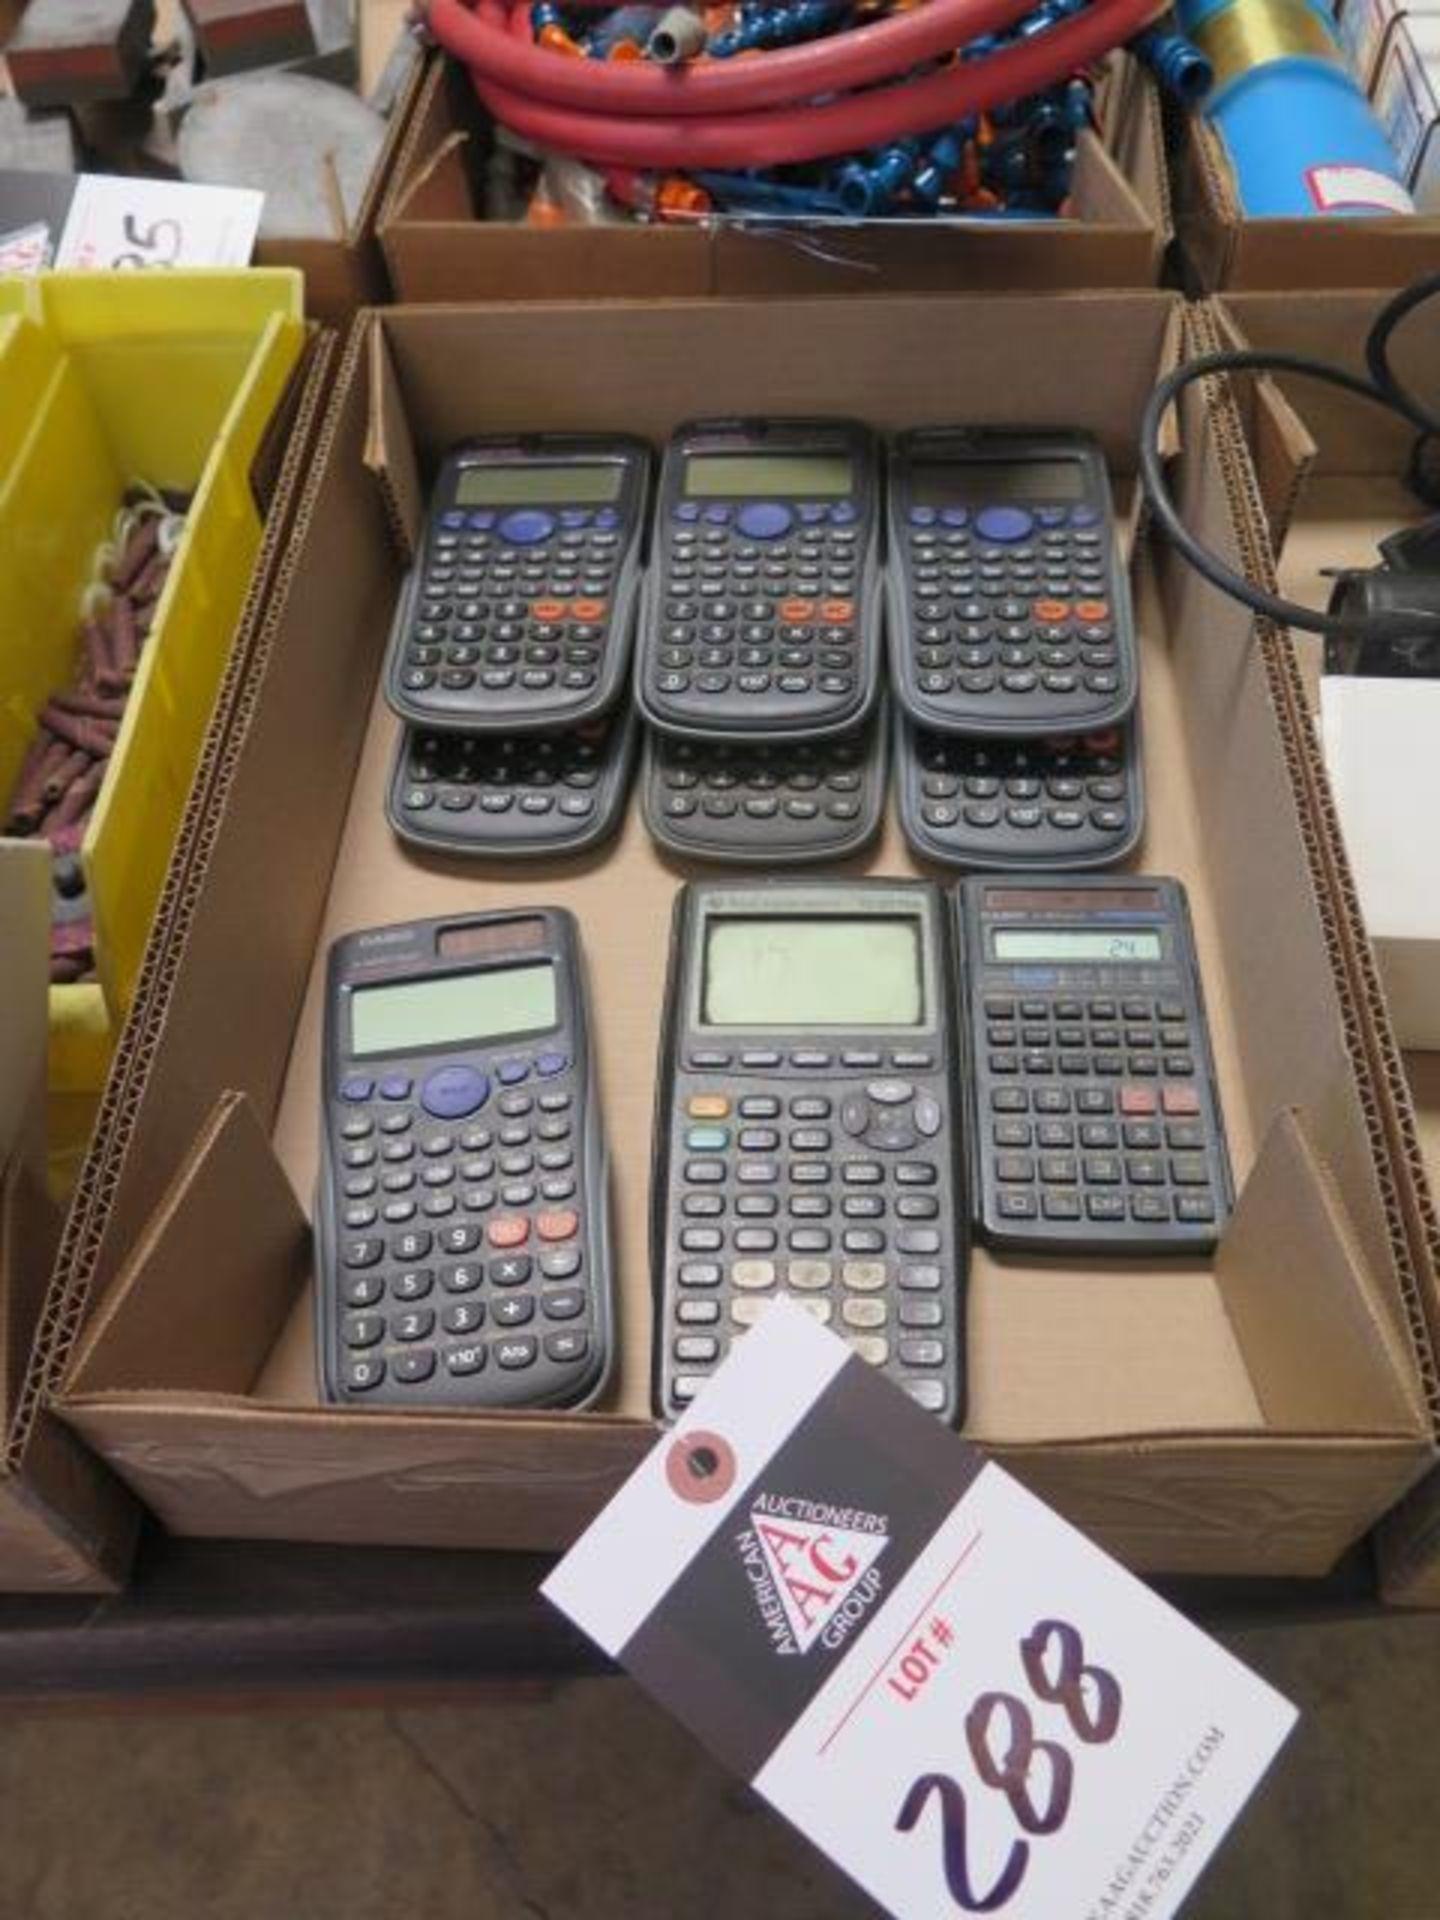 Calculators (SOLD AS-IS - NO WARRANTY)